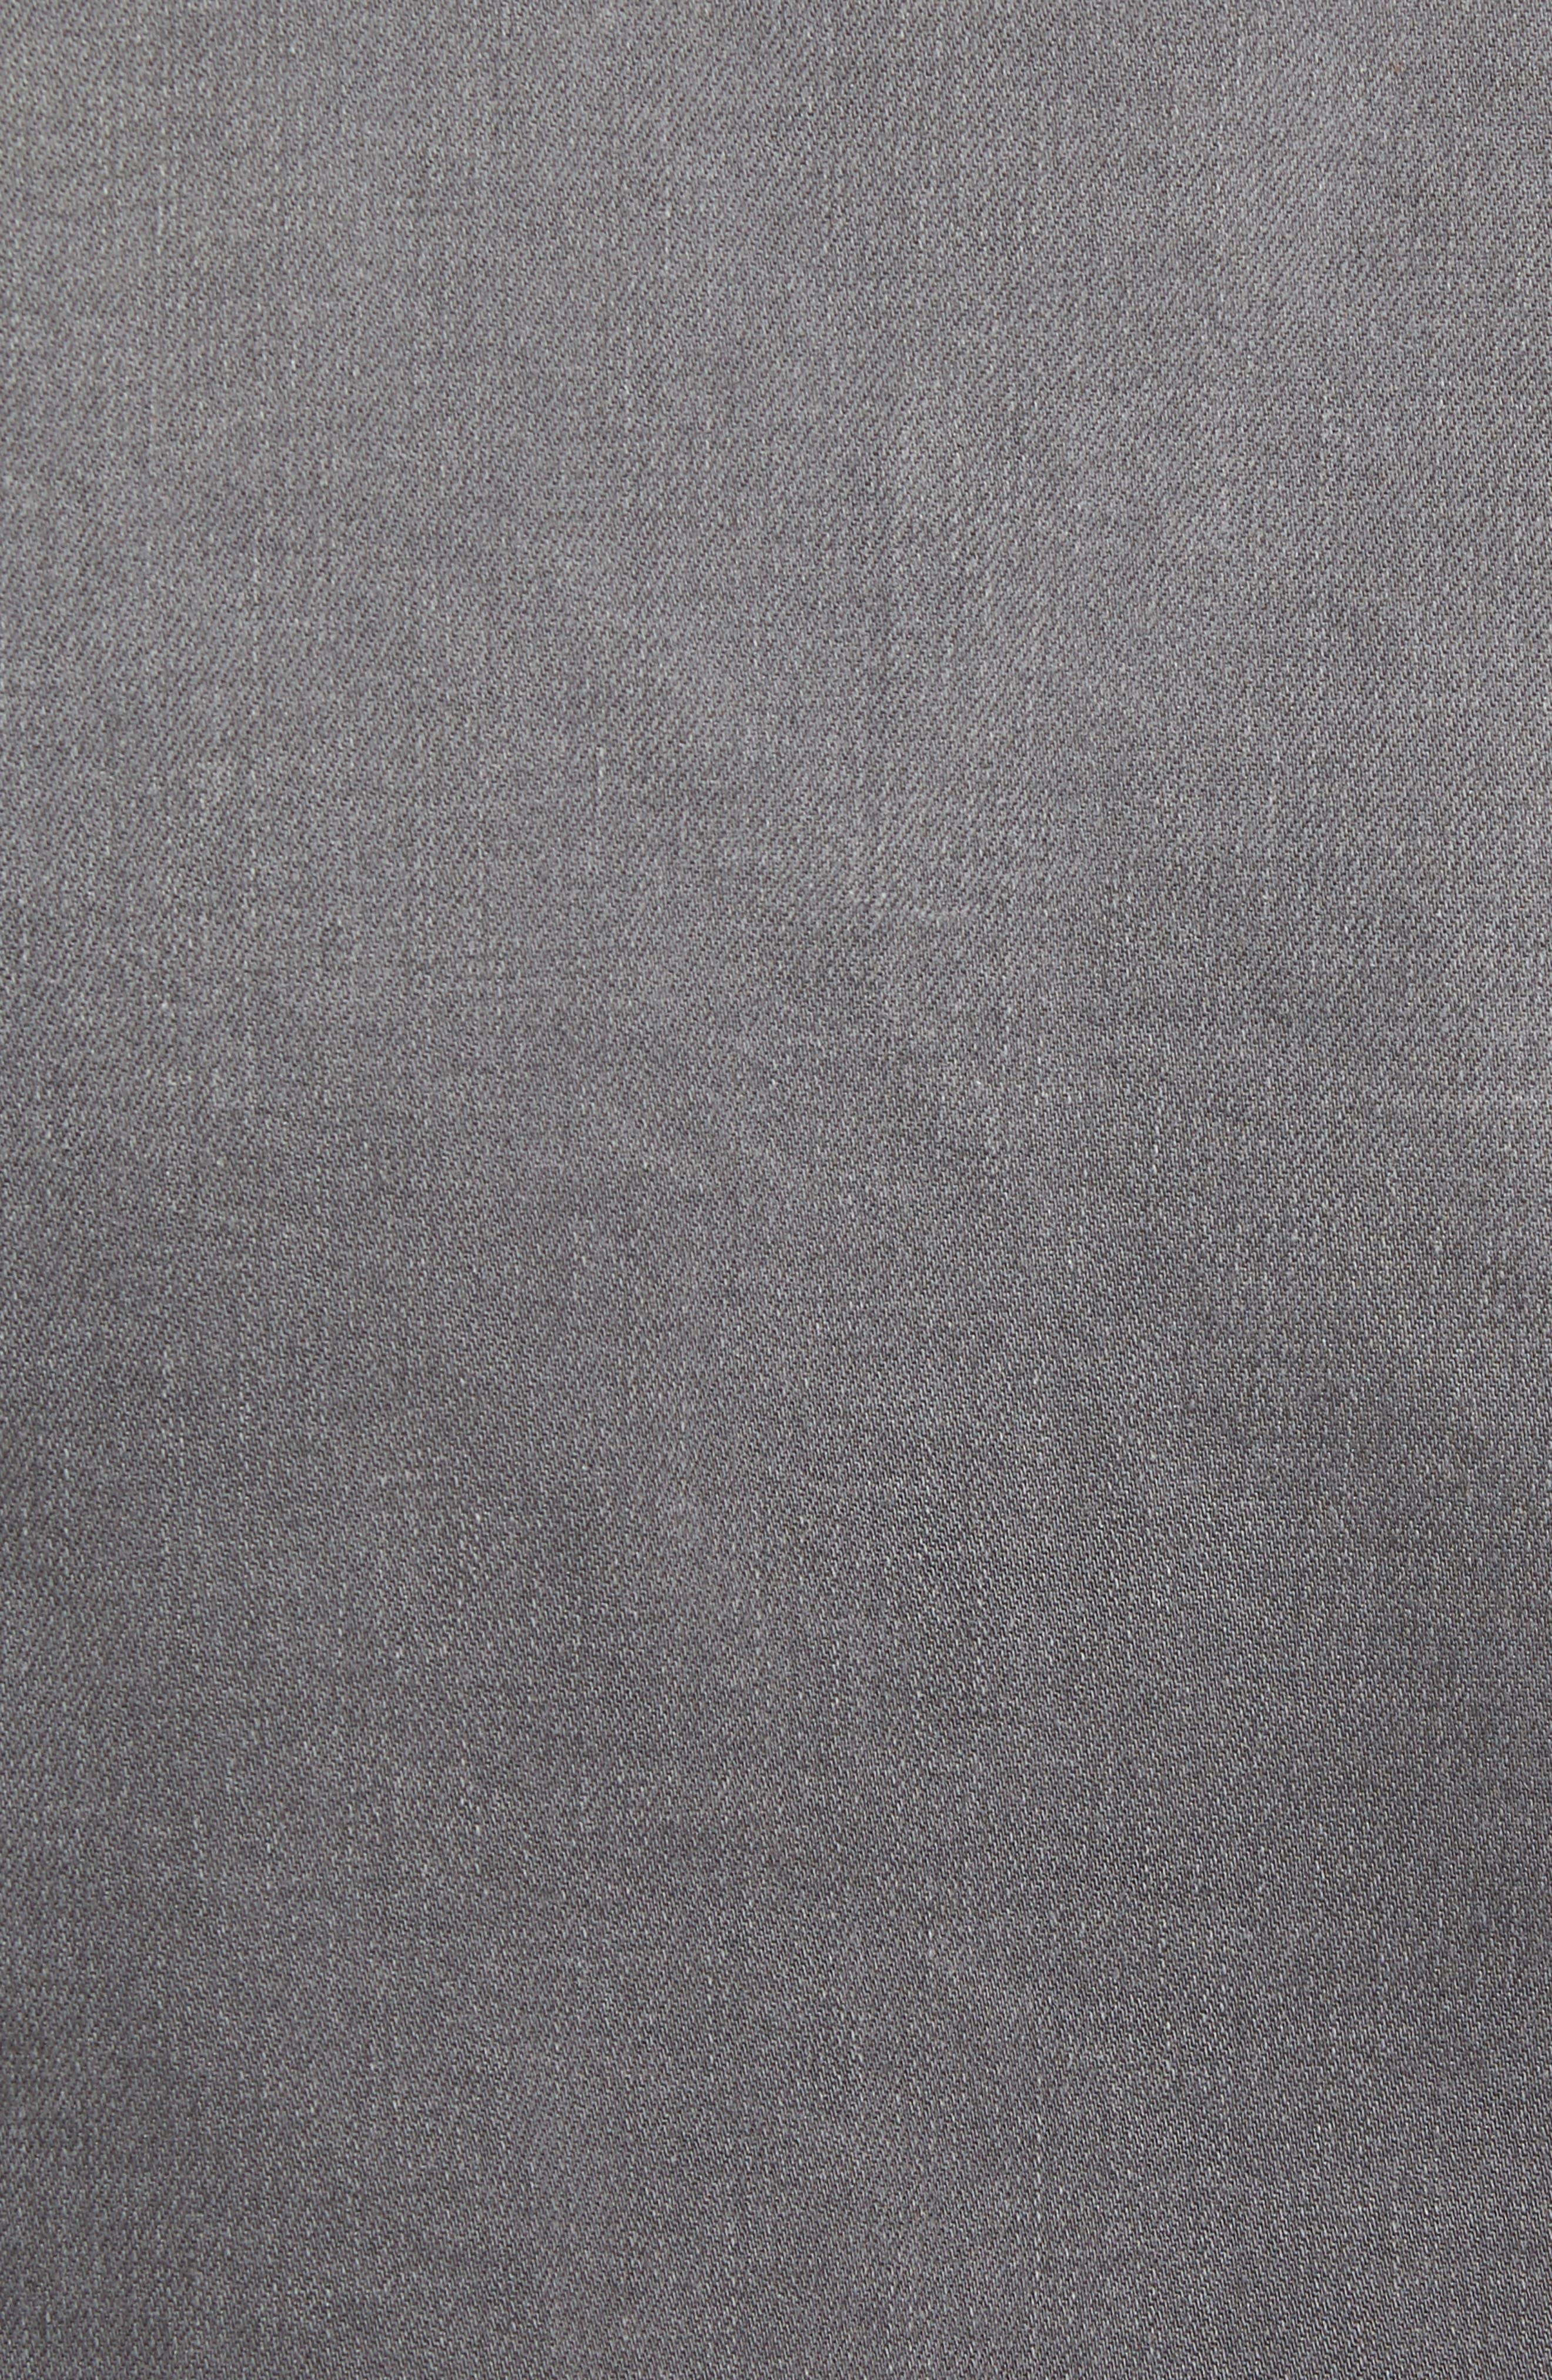 L'Homme Denim Jacket,                             Alternate thumbnail 6, color,                             GRAYSON